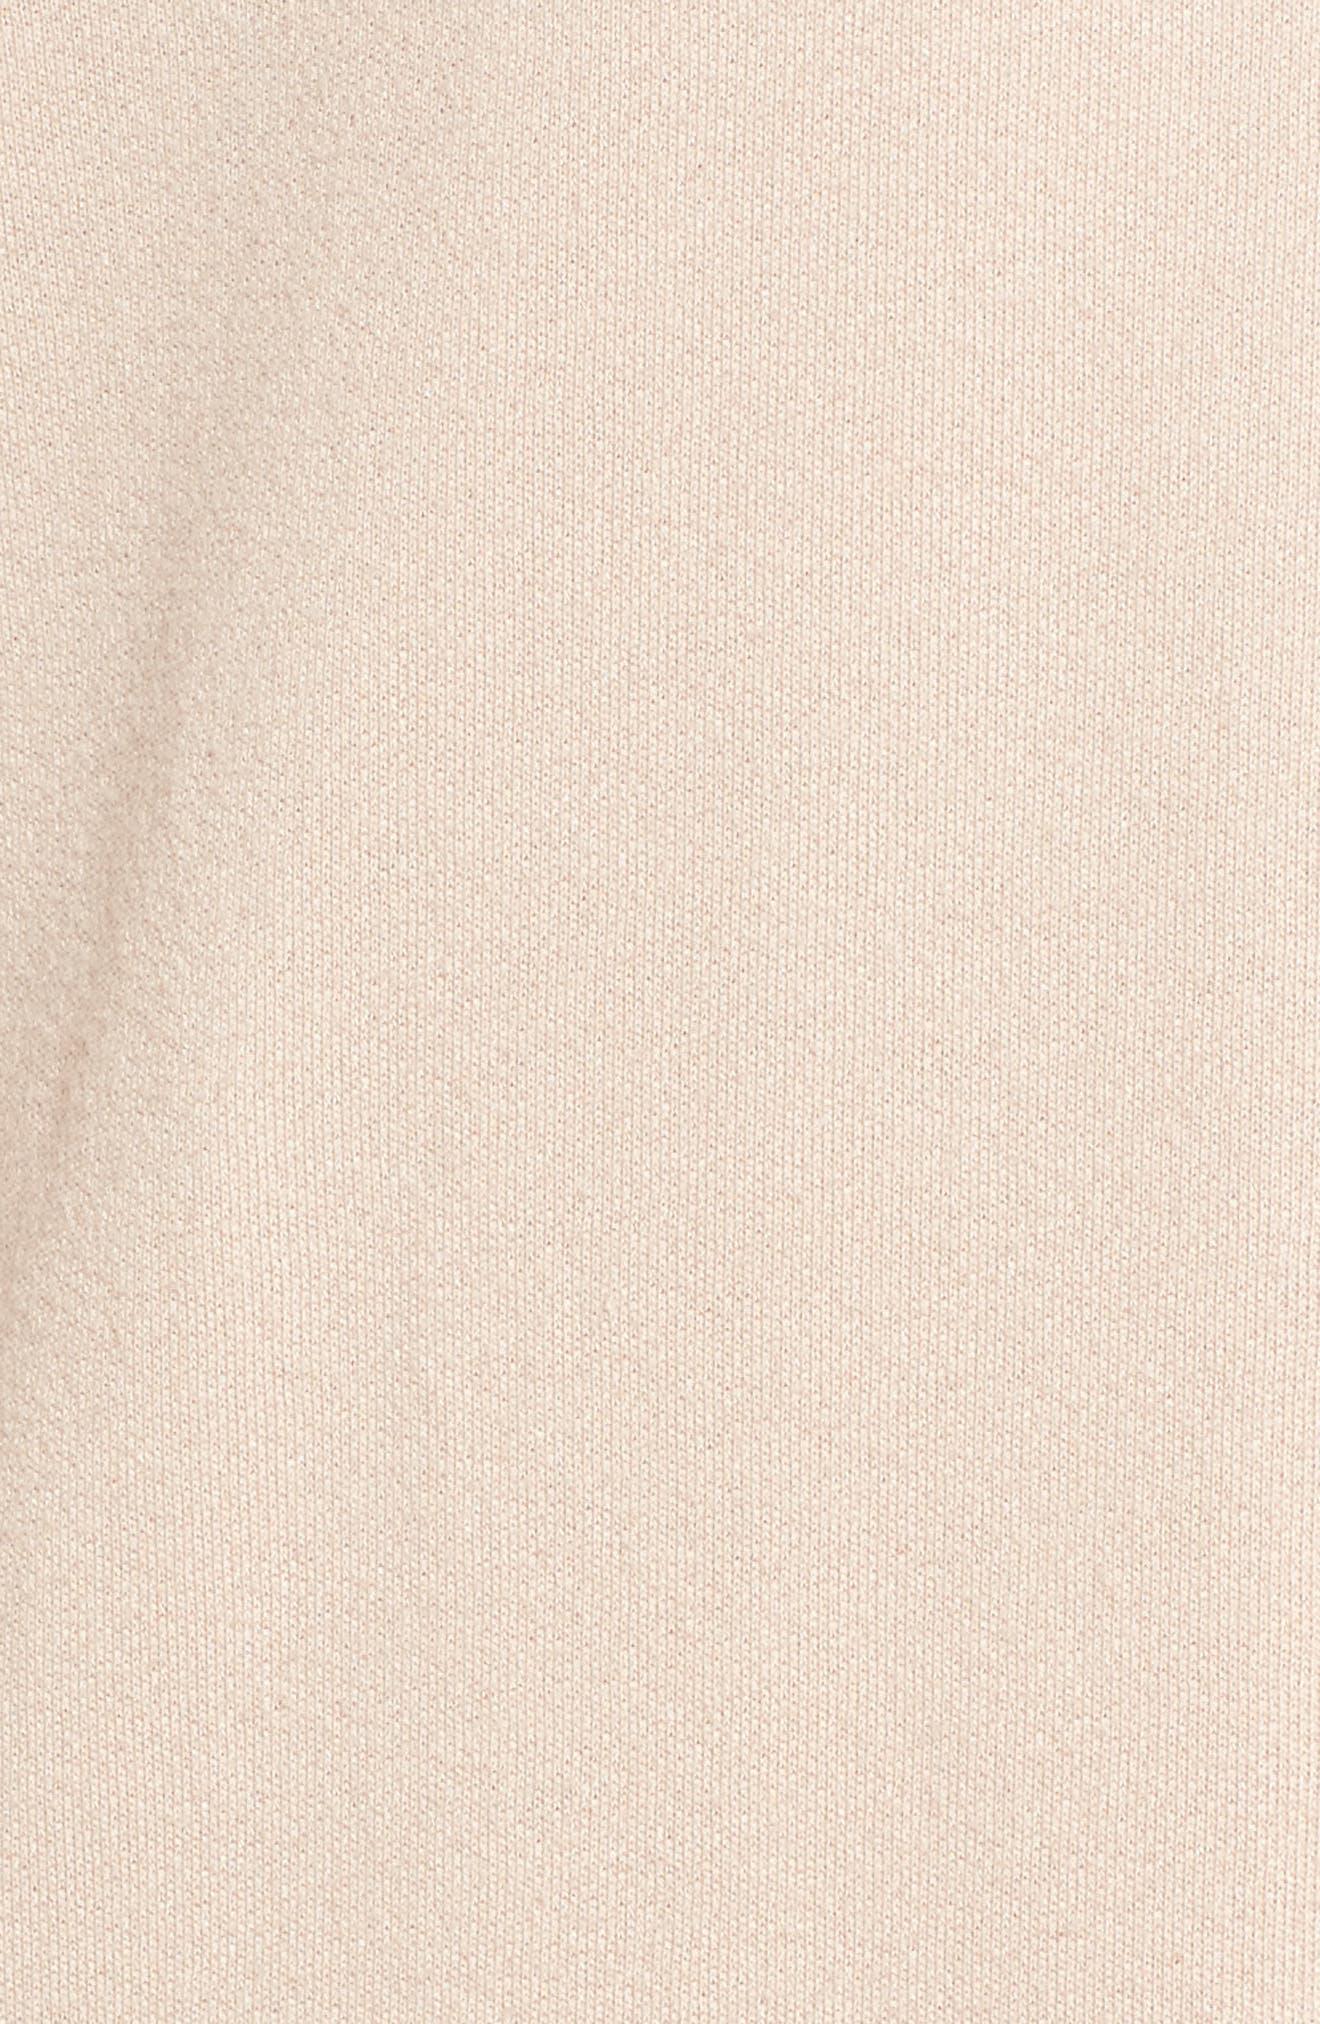 Blouson Sleeve Sweatshirt,                             Alternate thumbnail 5, color,                             Ivory Shell